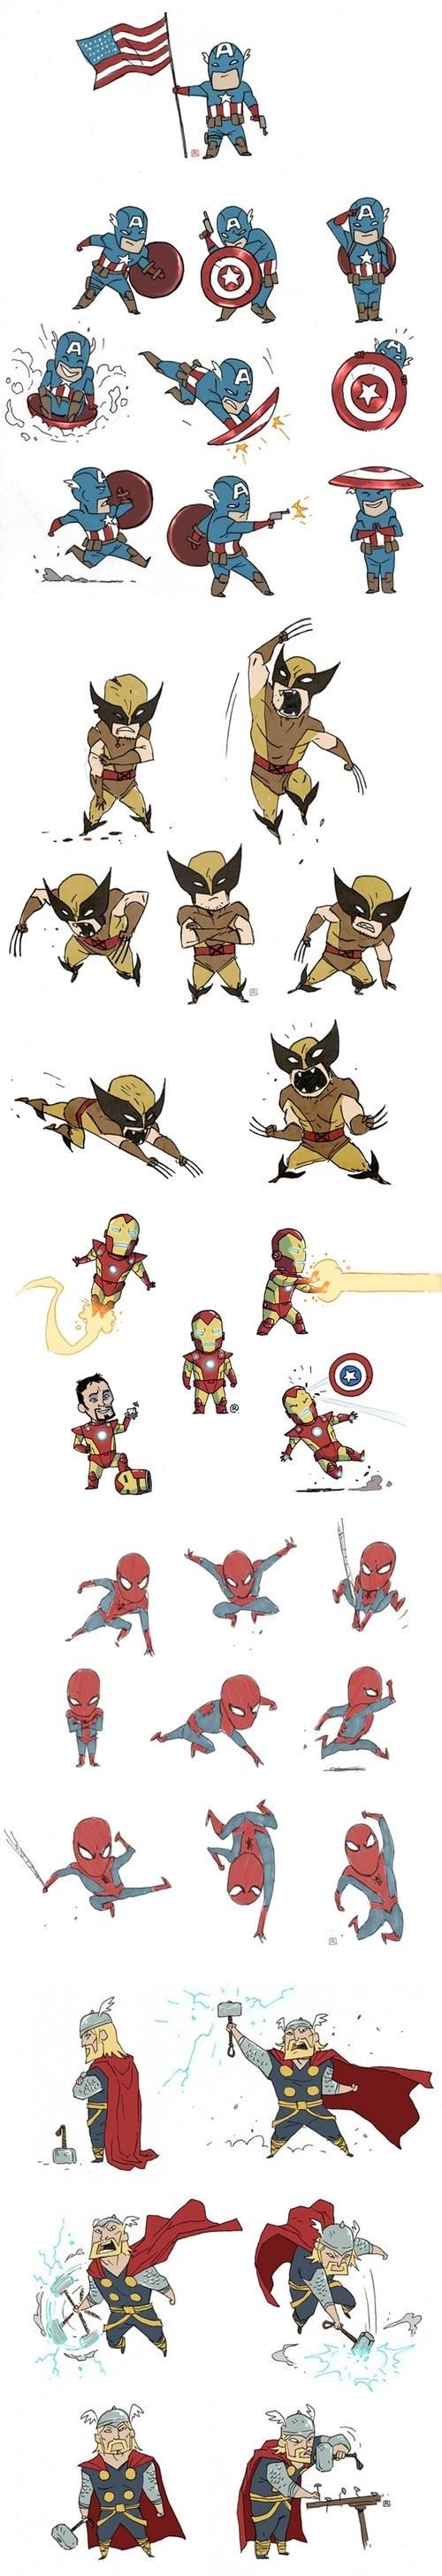 Fan Art chibi avengers - 8212314624